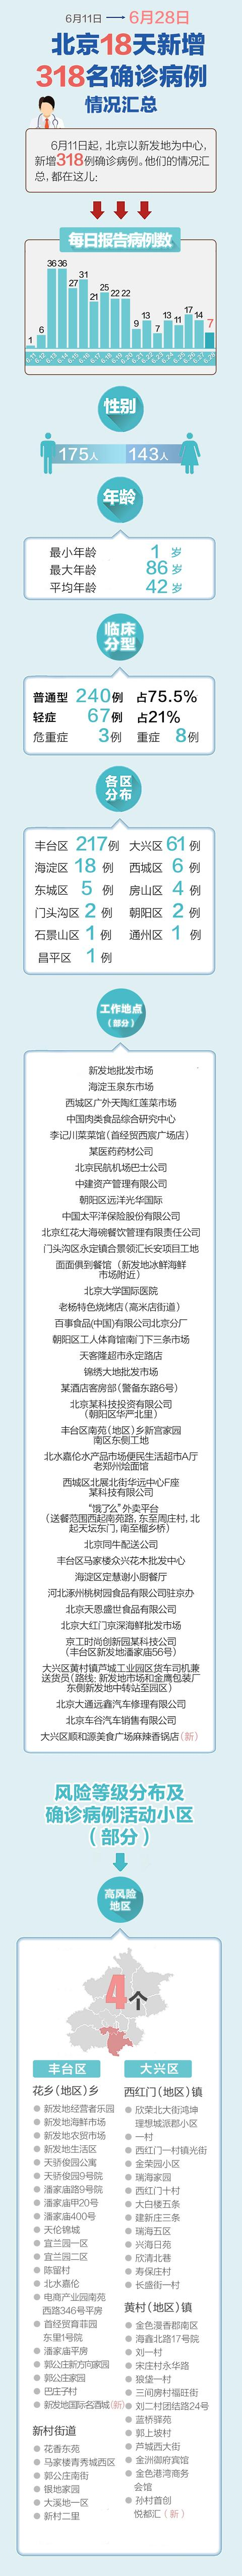 【天富官网】览|3天富官网18例确诊病图片